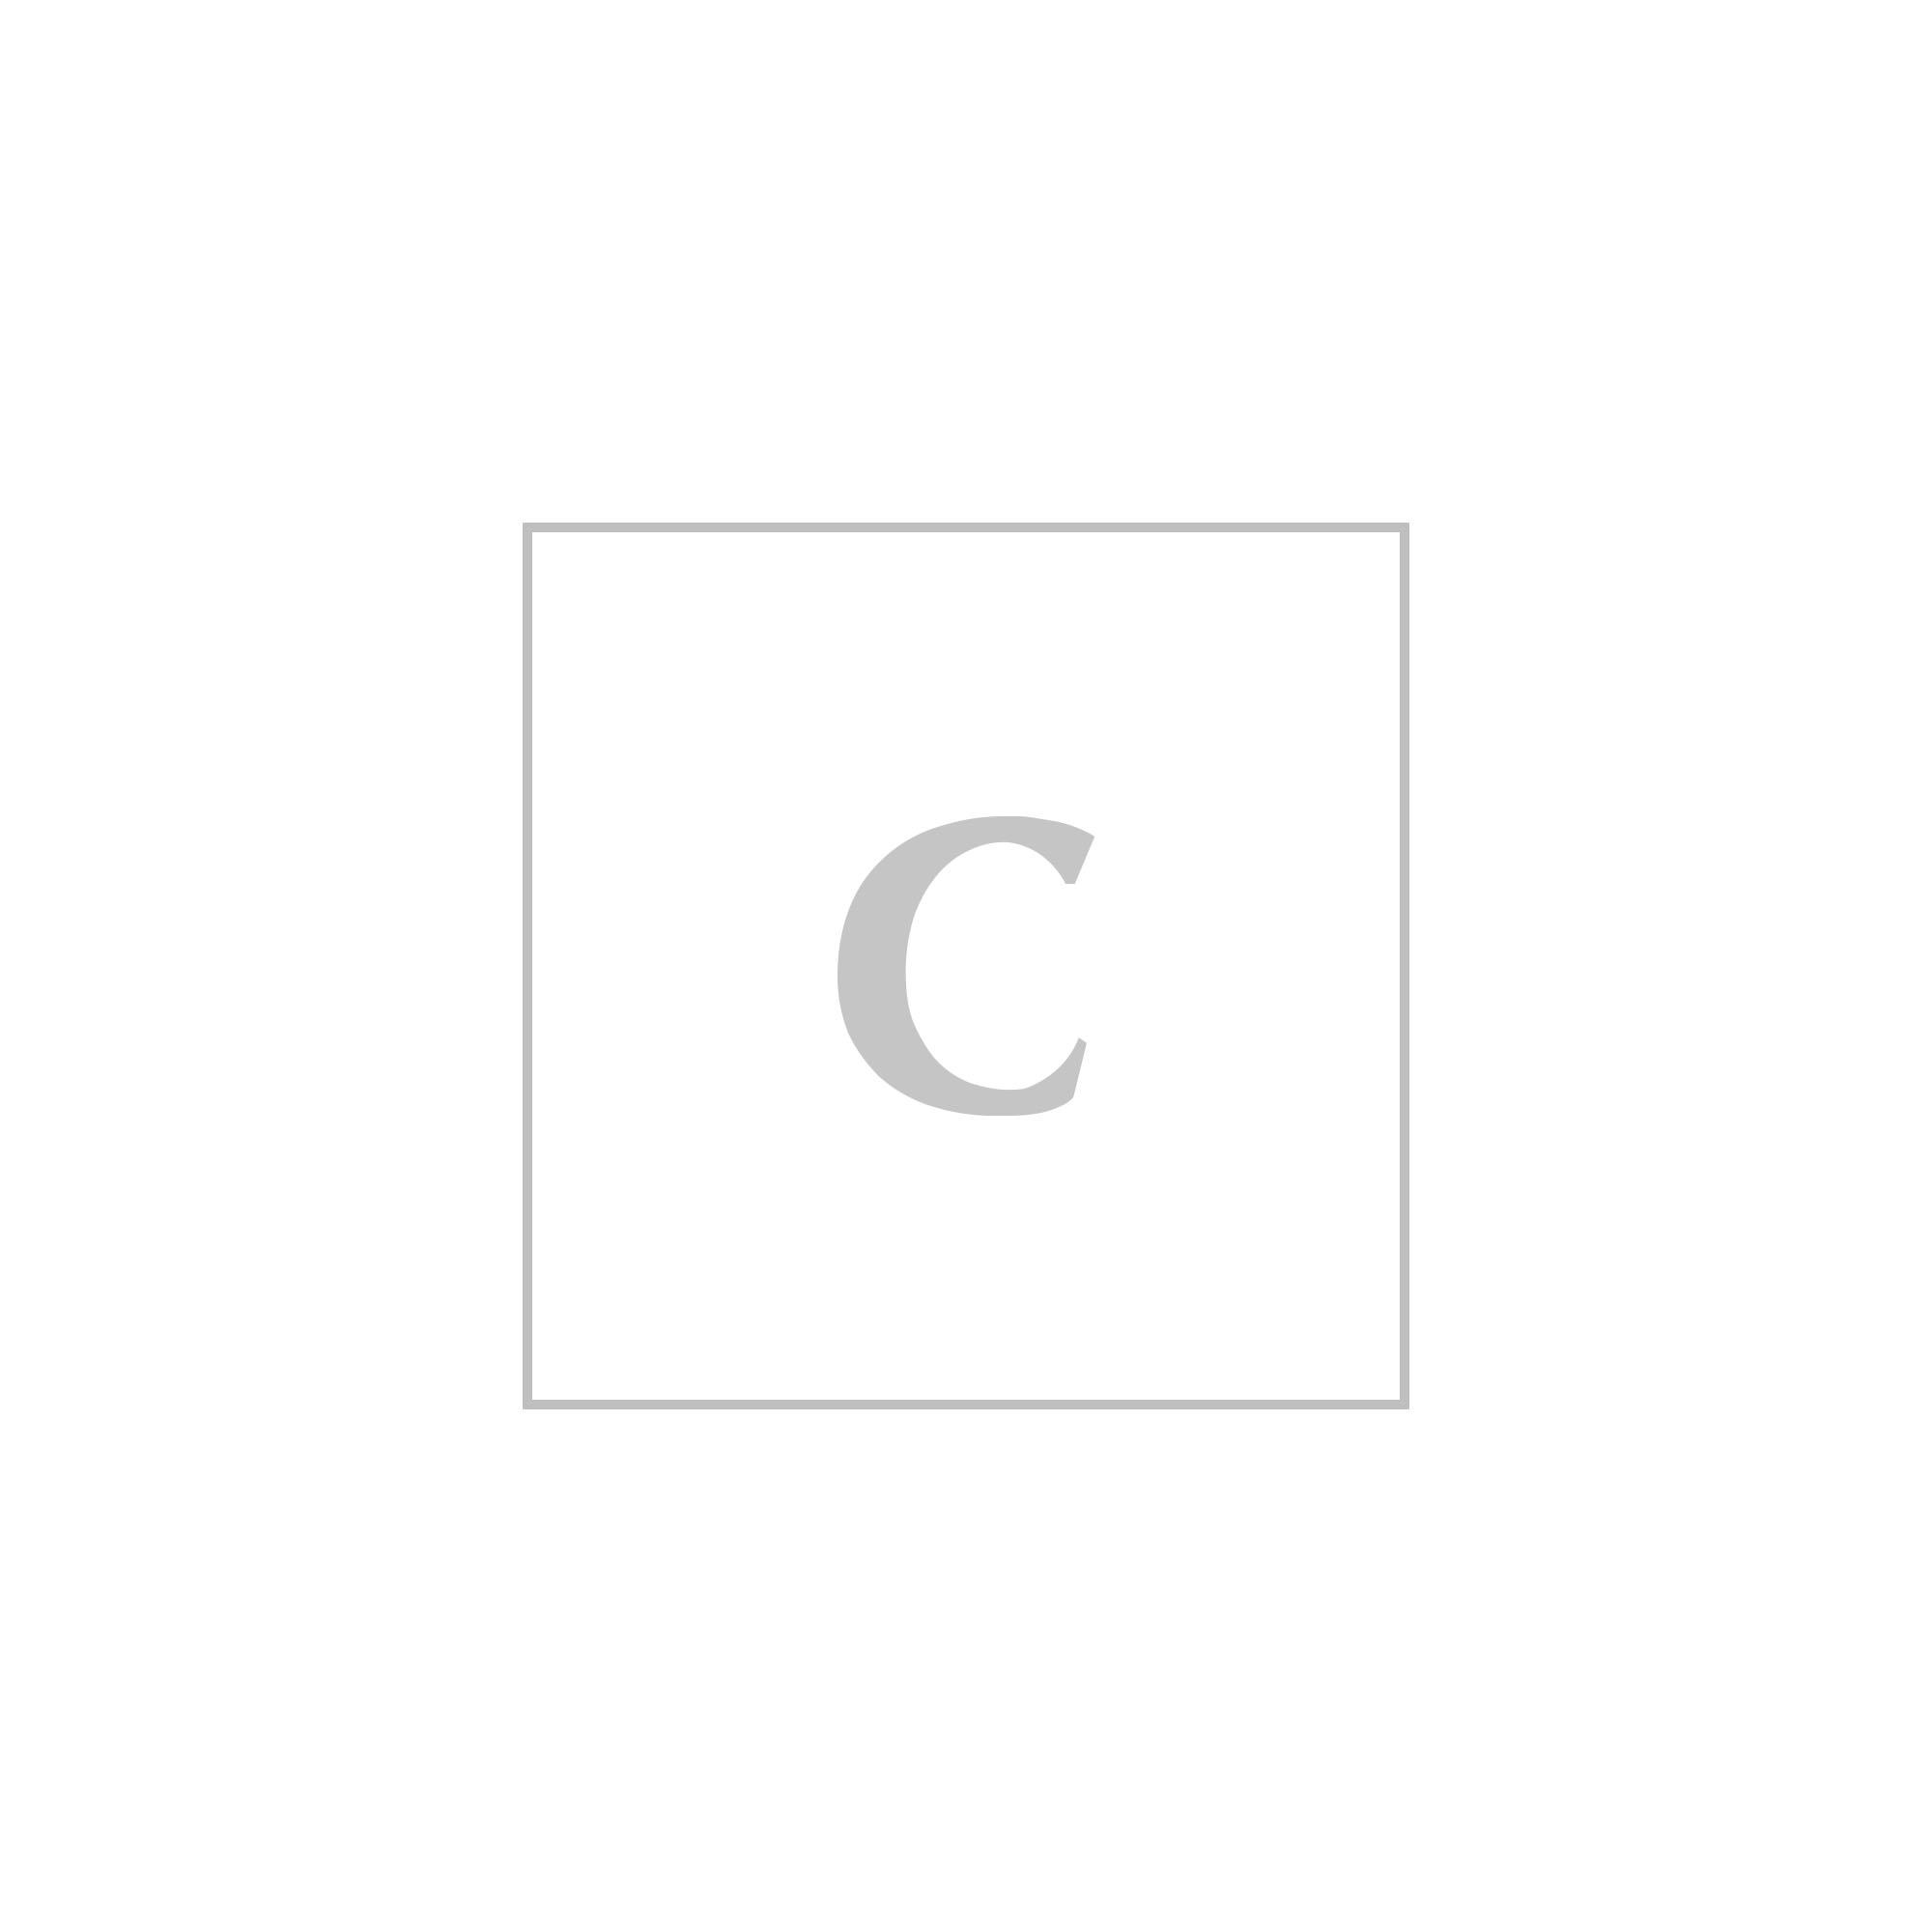 Dolce & gabbana slingback bellucci in vitello lucido